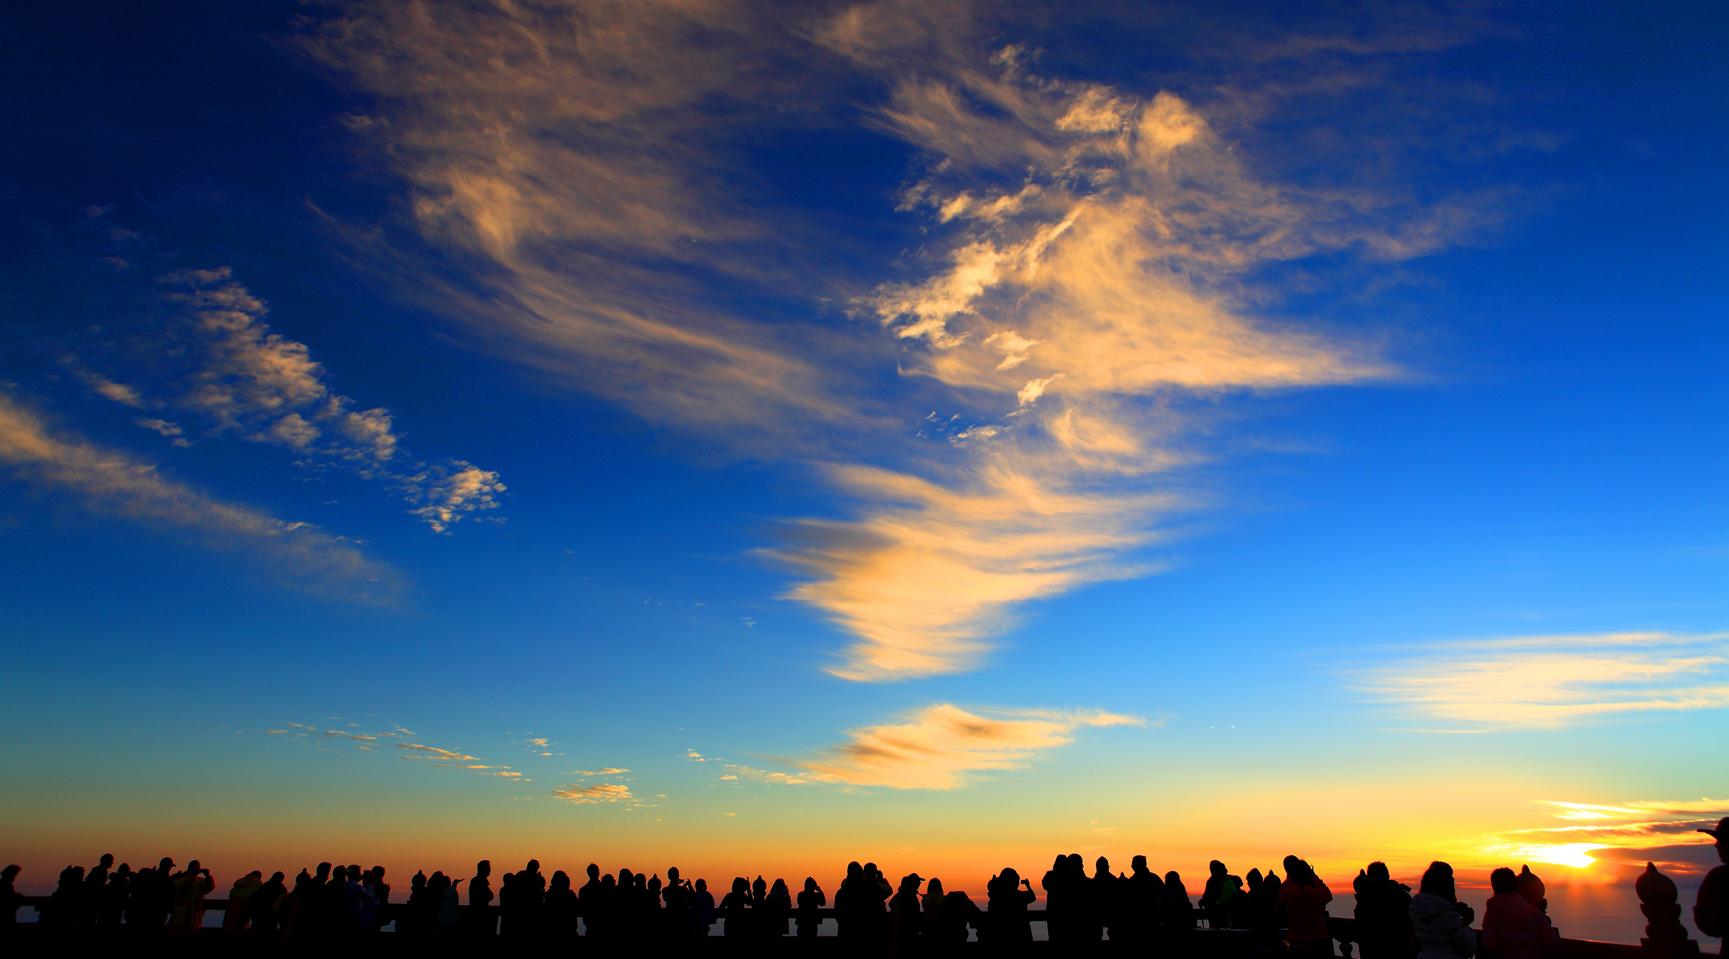 金顶赏秋景:秋天是峨眉山最妖娆动人的季节